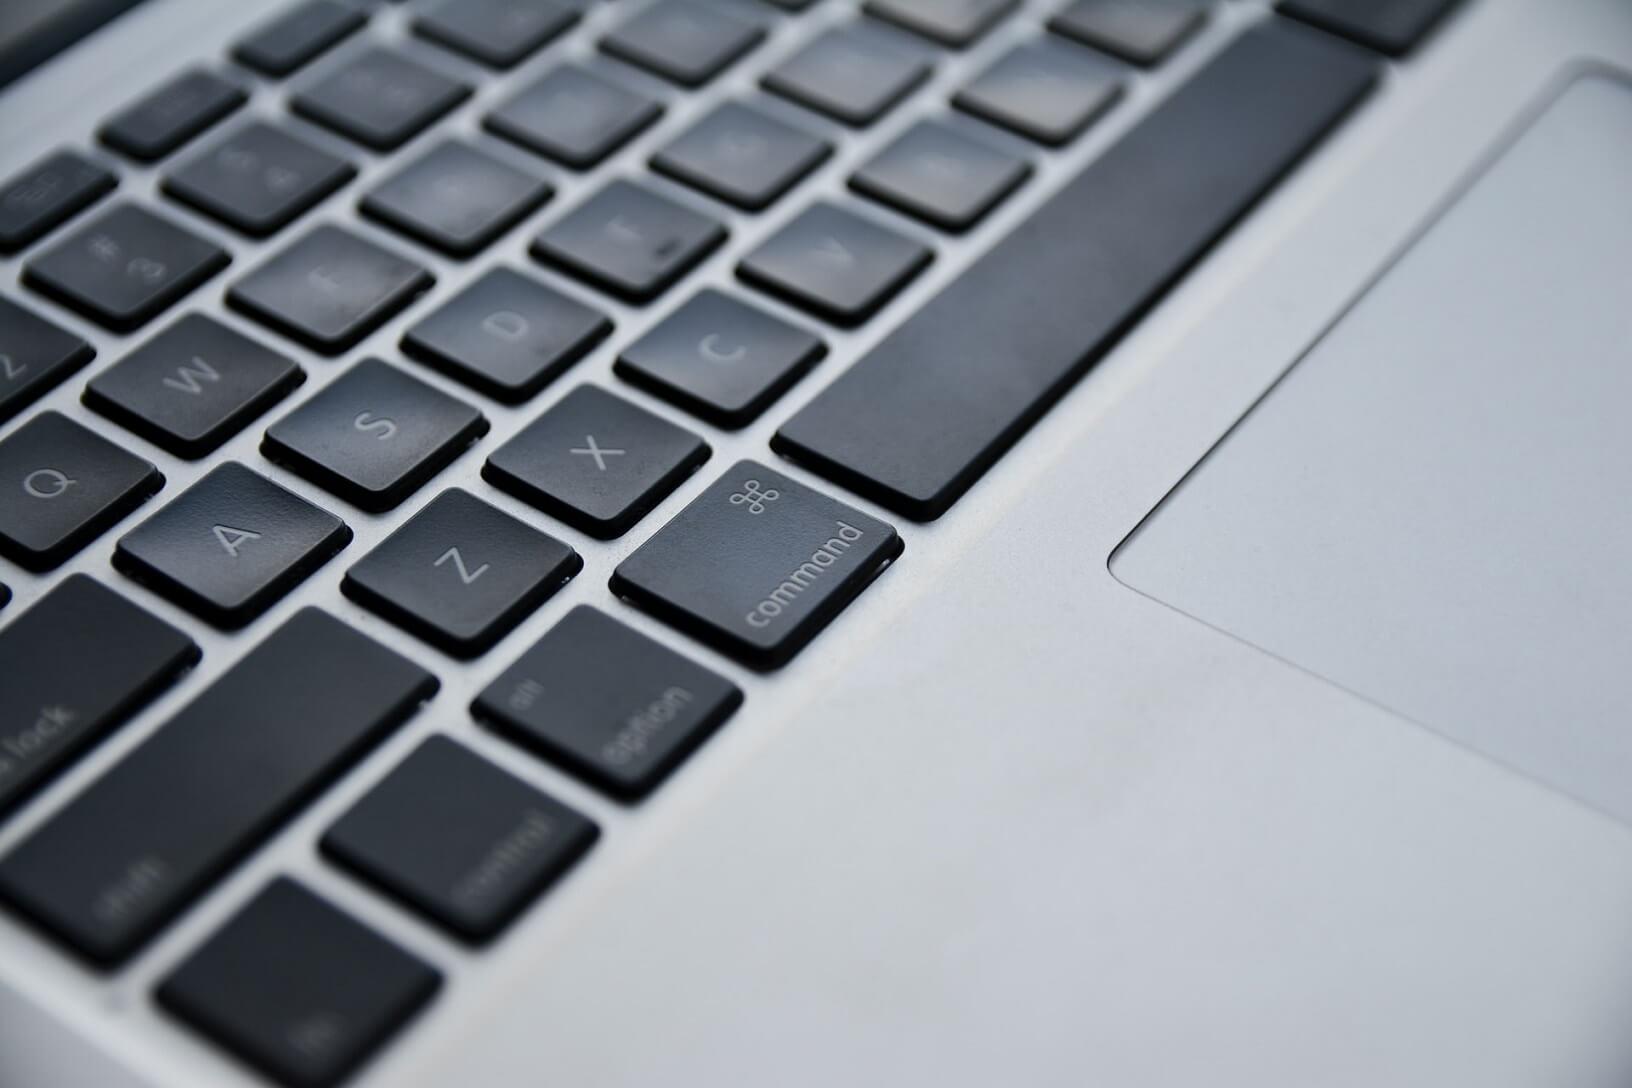 Linuxでファイルやディレクトリを検索する | findコマンド